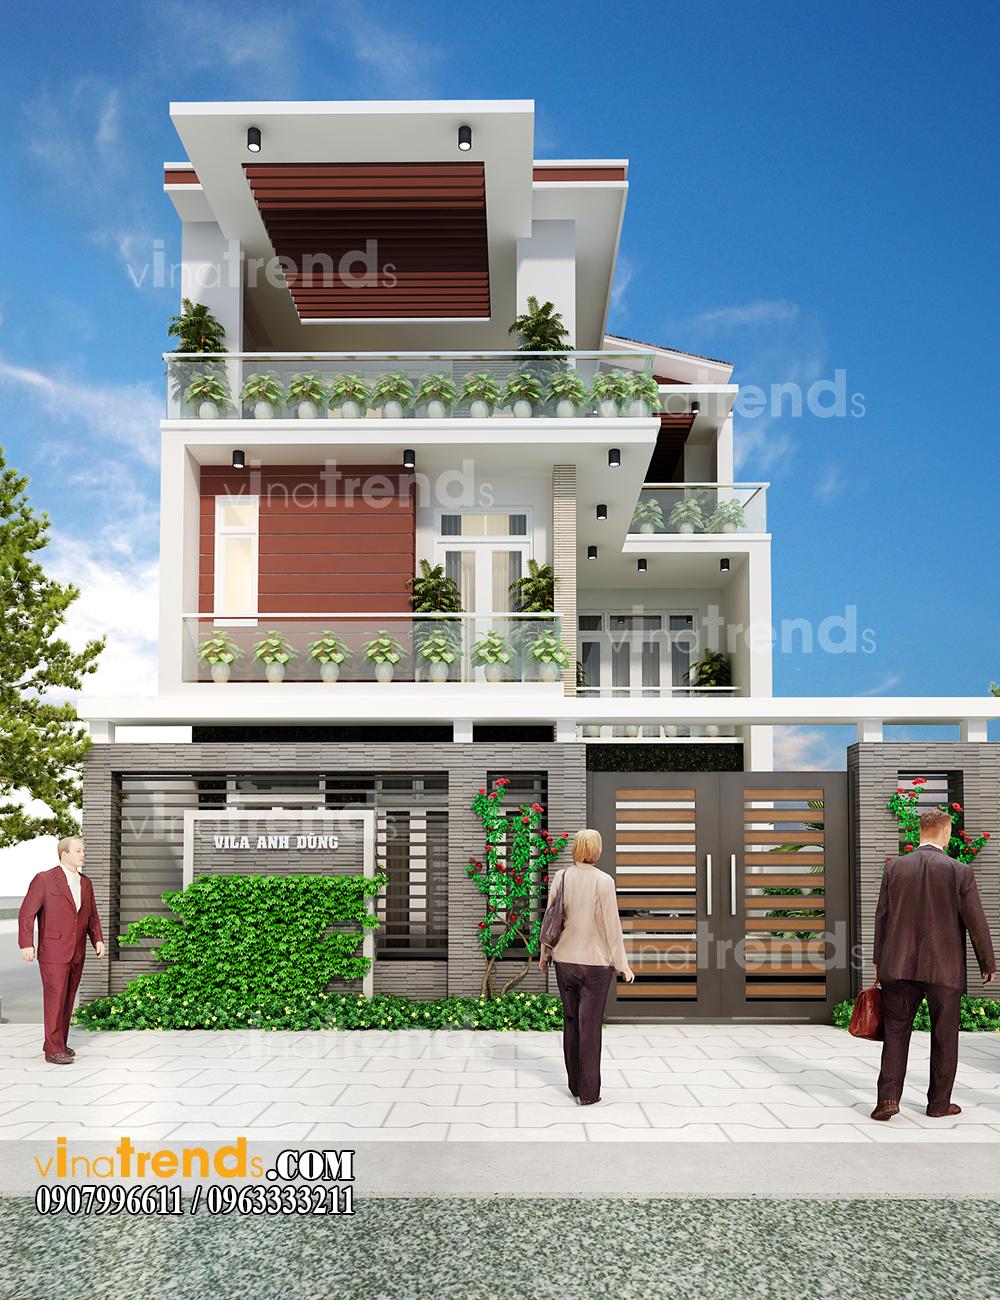 mau biet thu hien dai dep 2 tang 1 tret 9x16m anh Dung Thu Duc 12 bản thiết kế mẫu biệt thự hiện đại 2 3 4 tầng tặng độc giả thiết kế thi công năm 2017